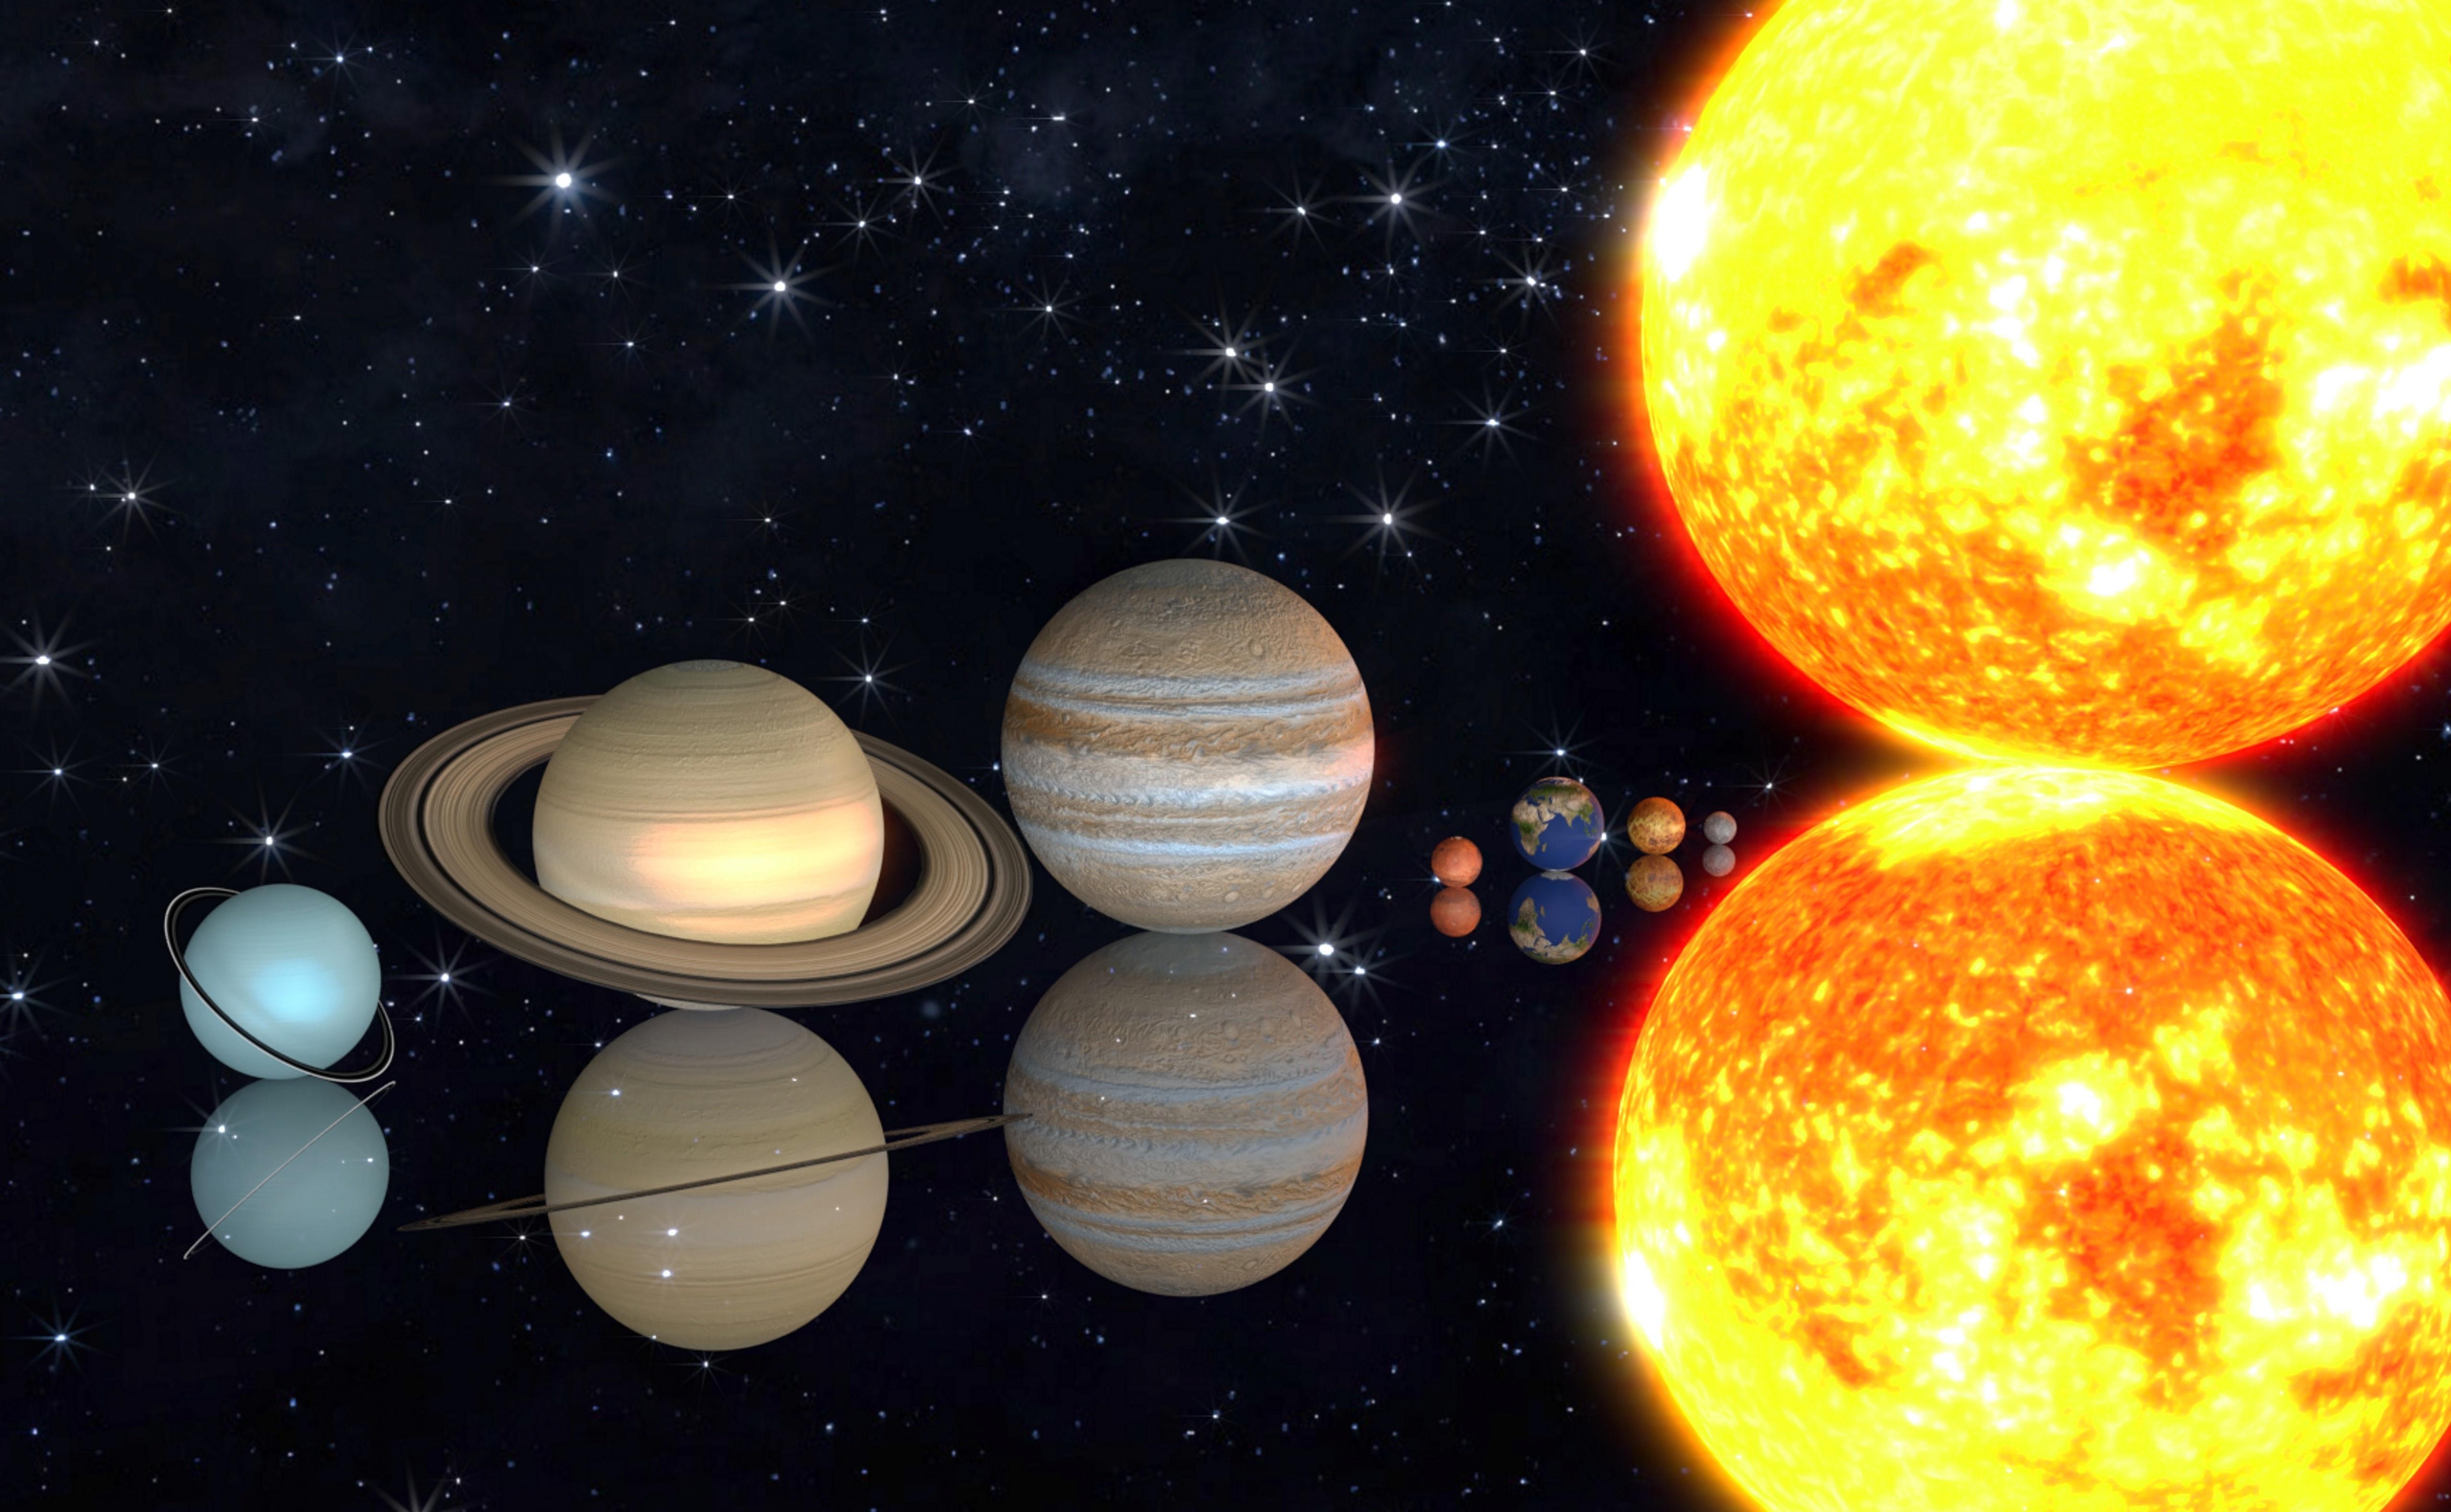 причиной картинка с солнцем и планетами постоянно занимается совершенствованием